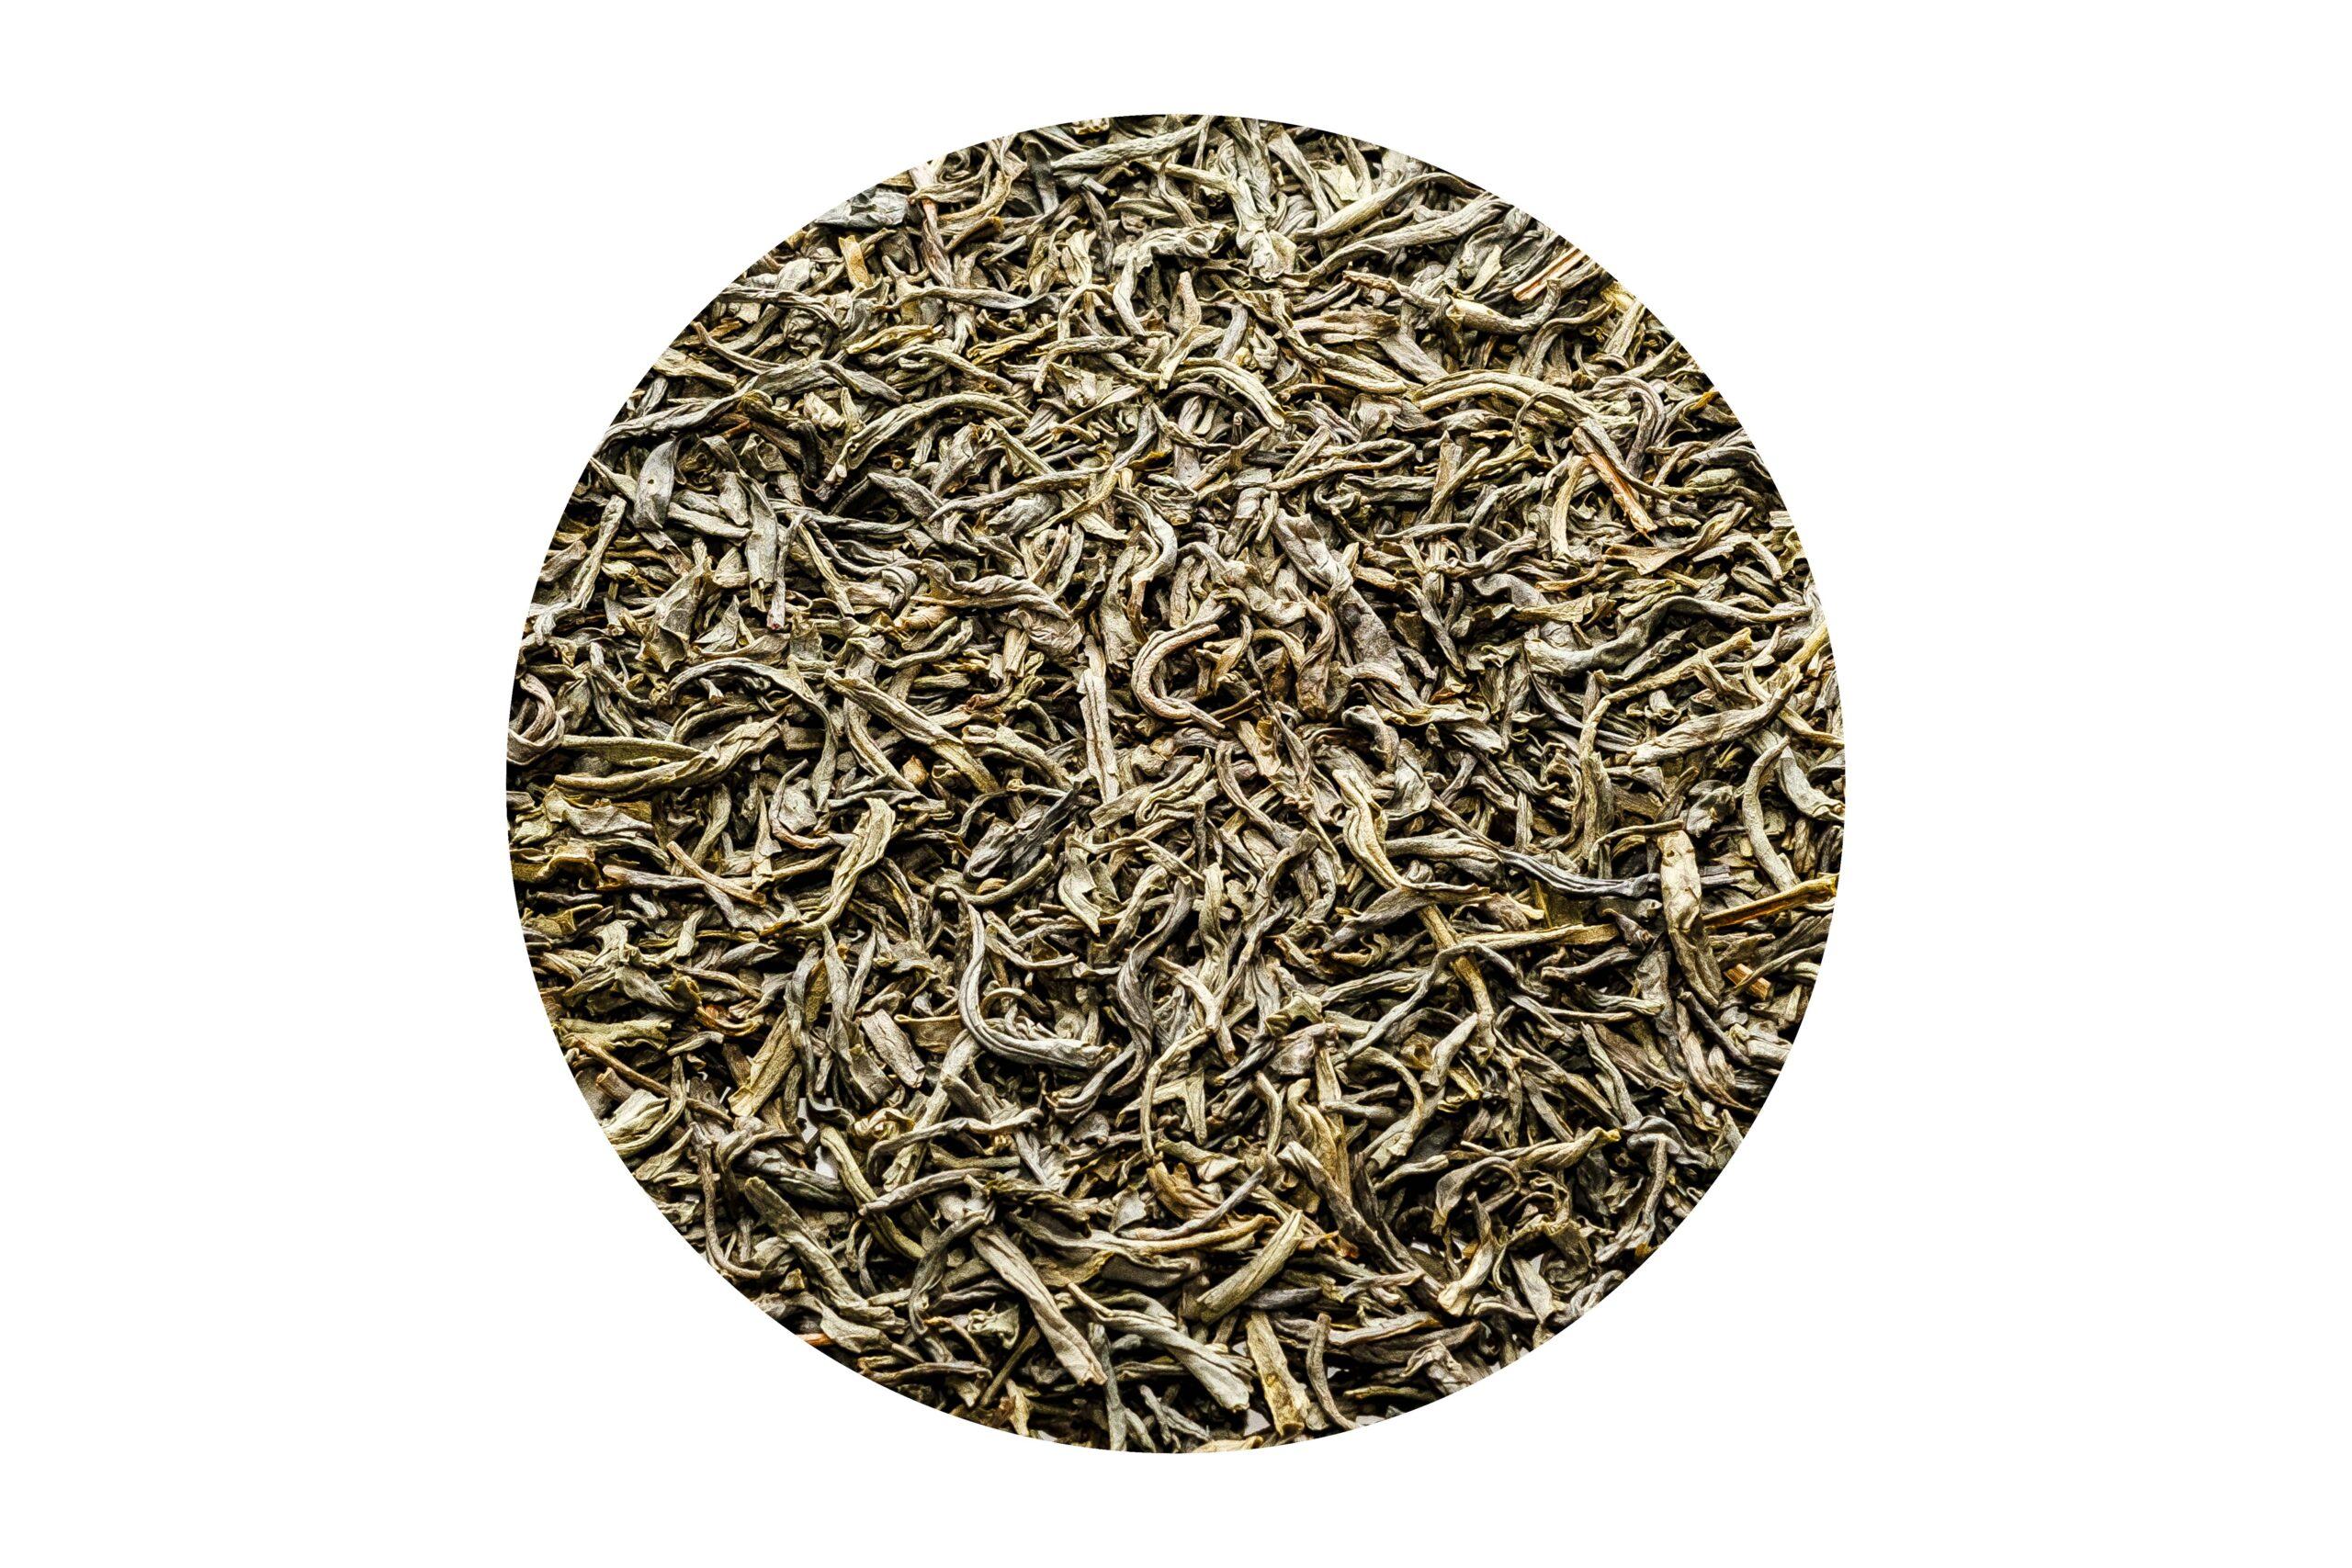 Herbata Zielona Mgła 100g